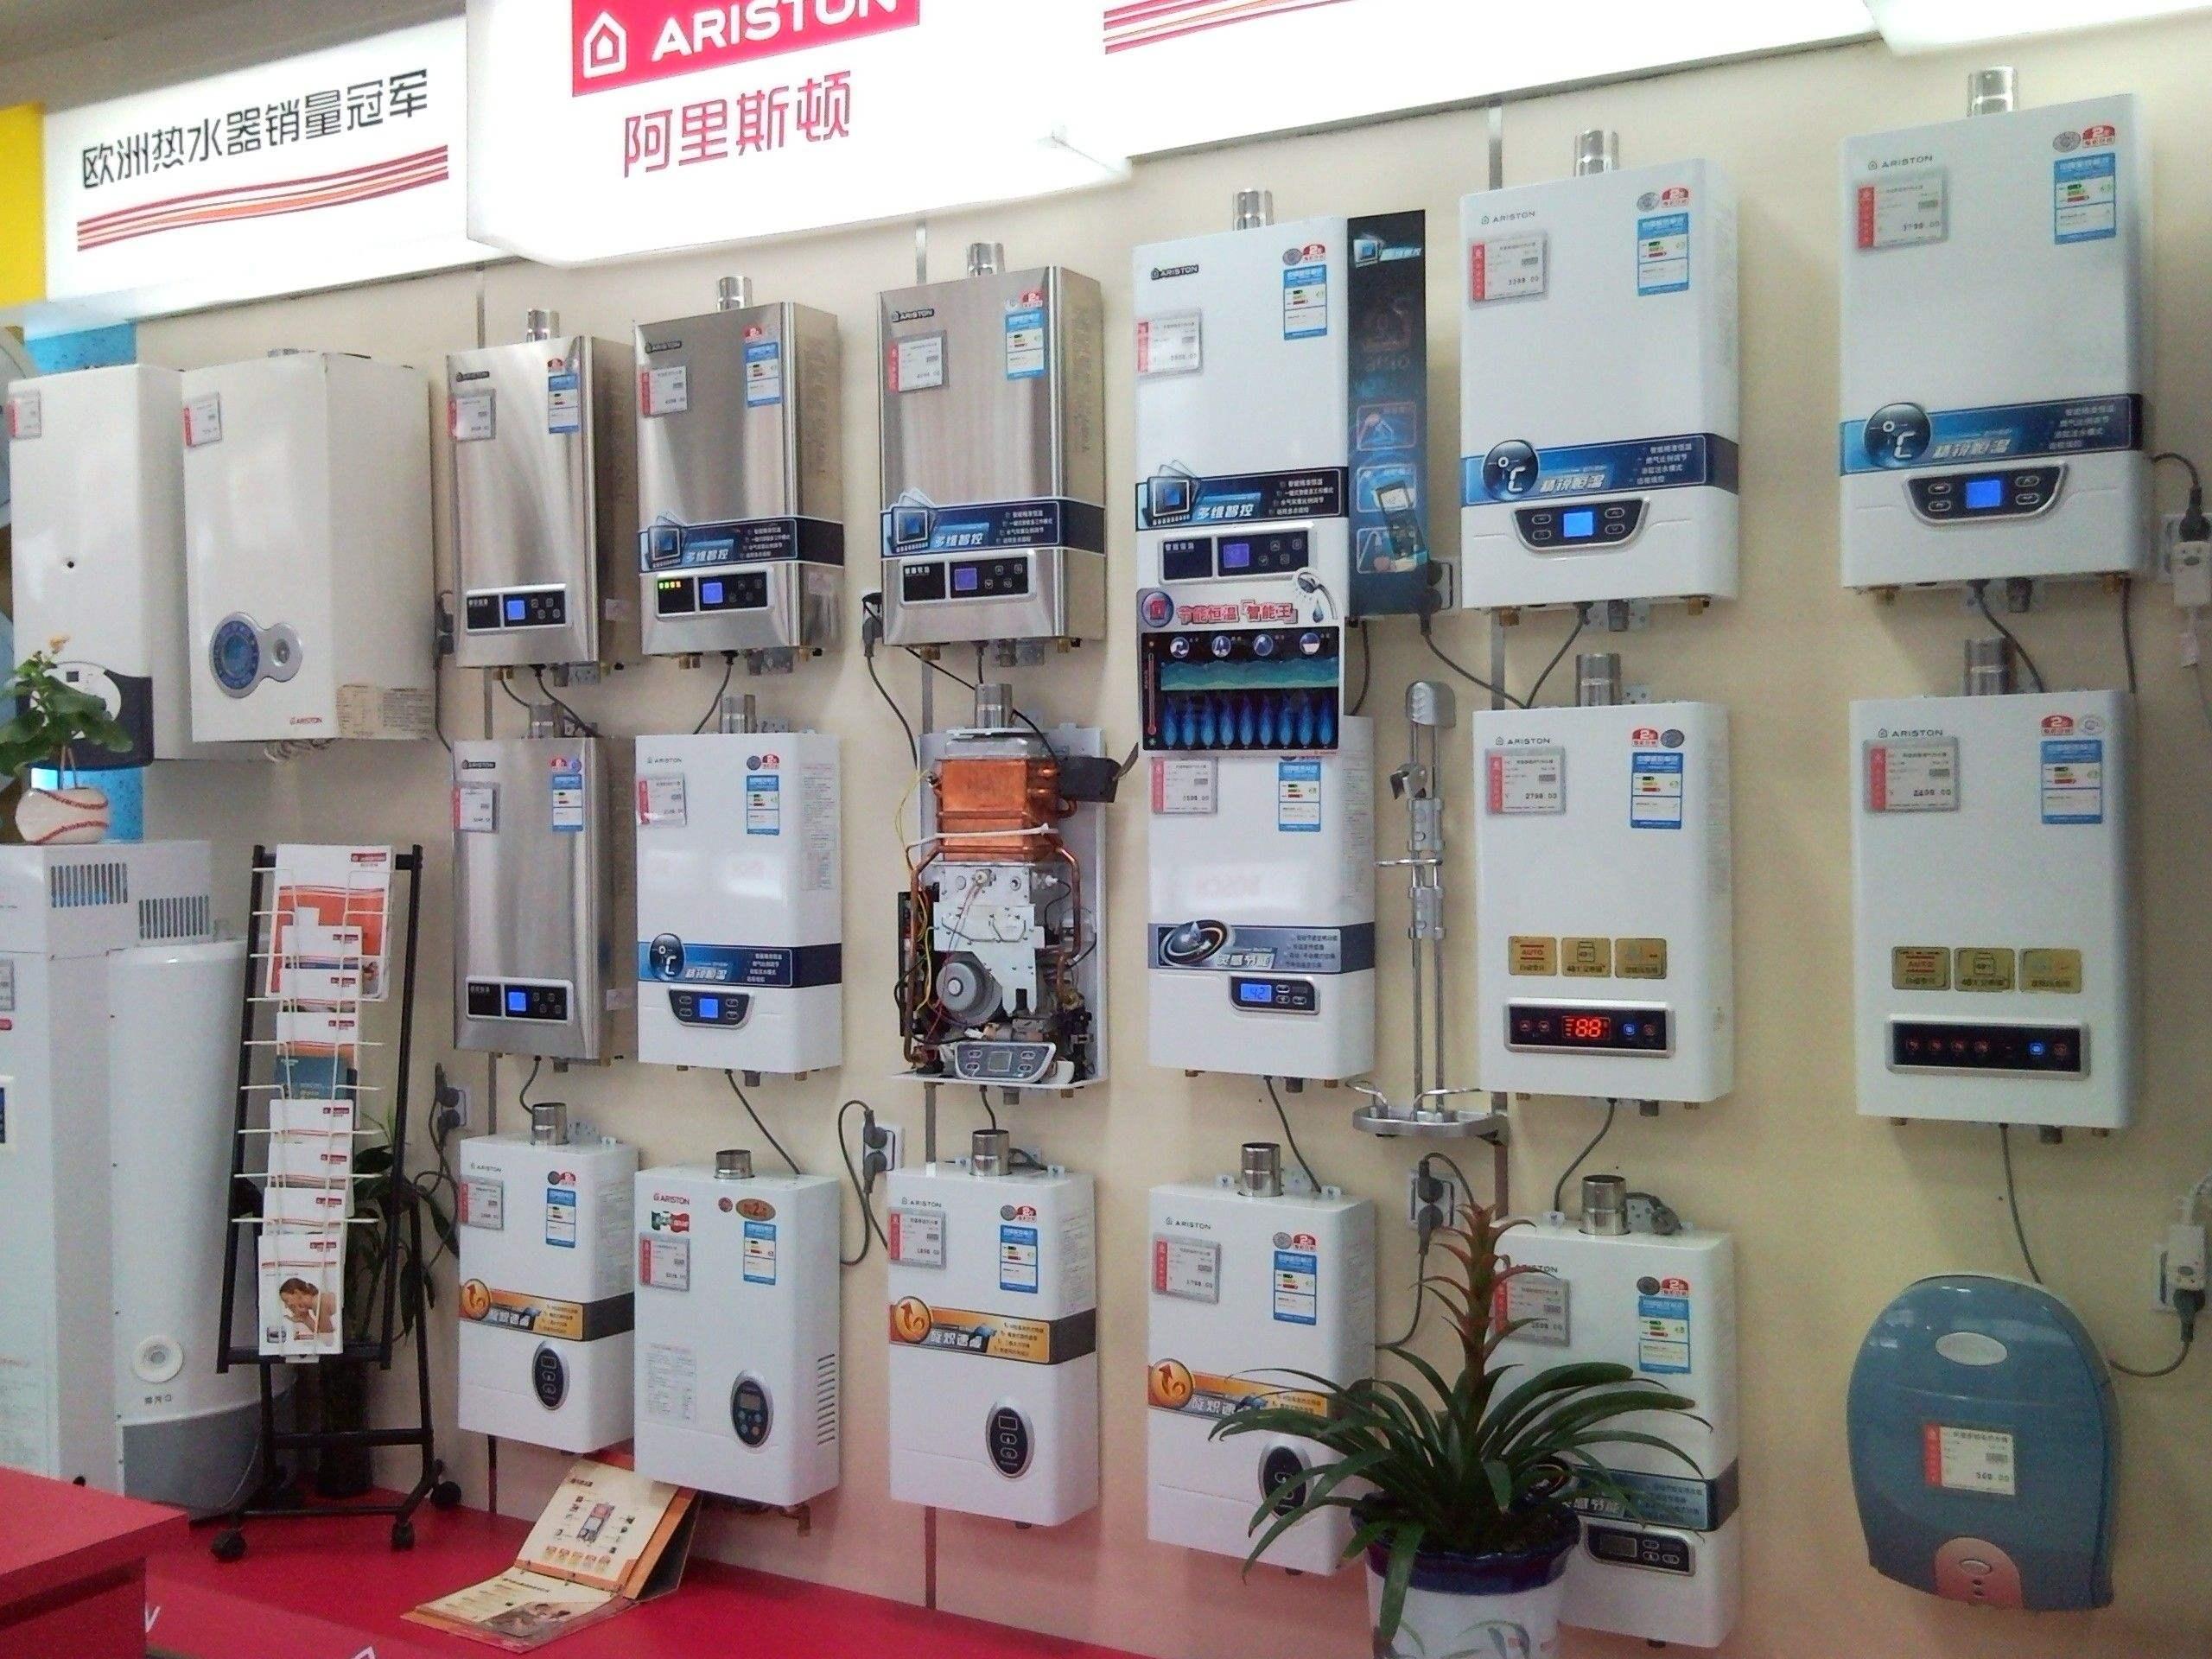 空气能、电热、太阳能、燃气四种热水器到底哪个更好?